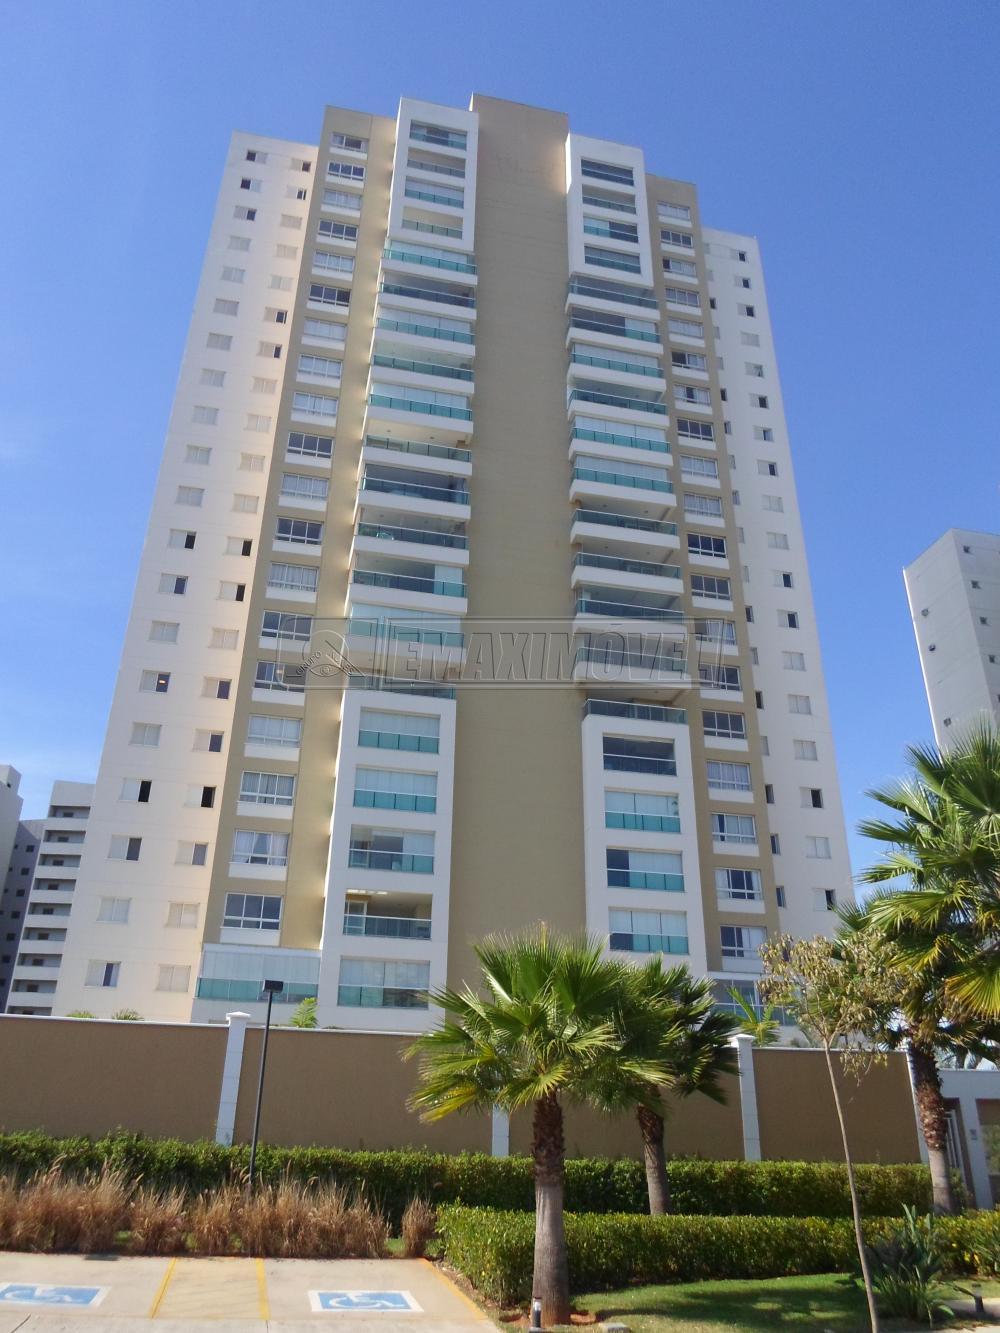 Comprar Apartamentos / Apto Padrão em Sorocaba apenas R$ 996.000,00 - Foto 1